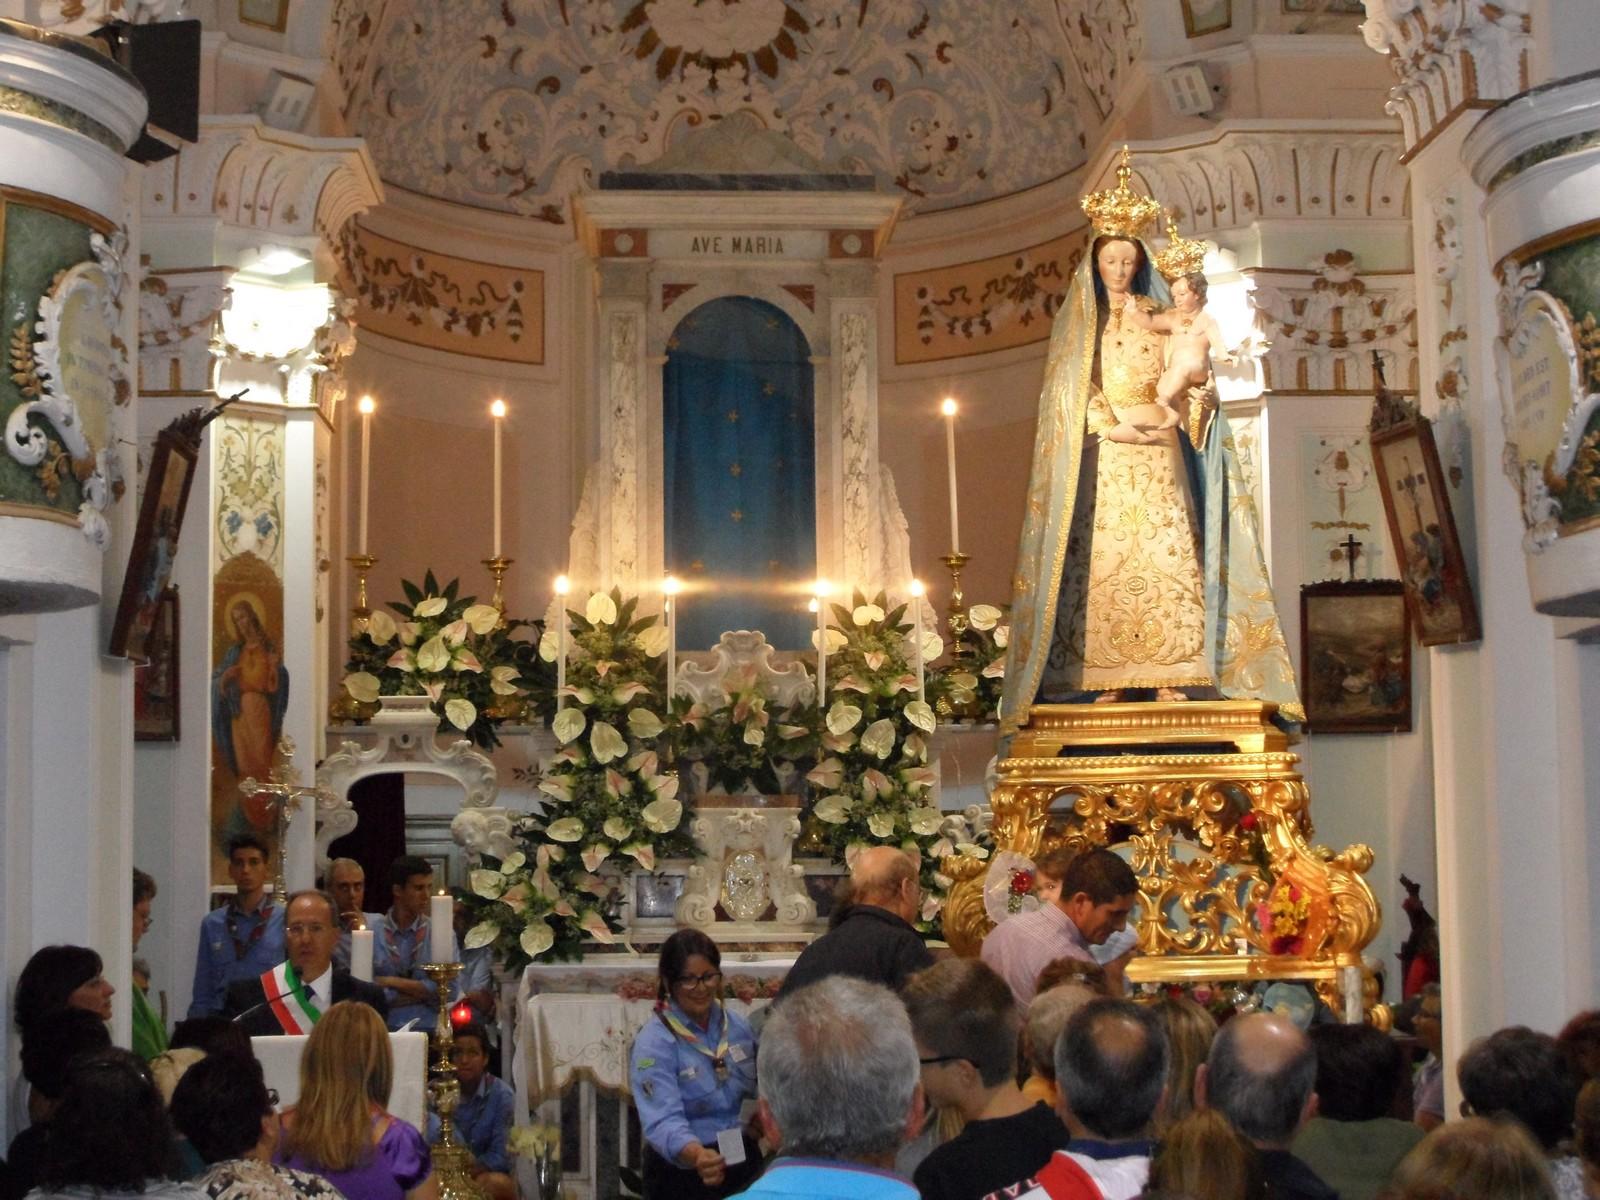 Se apareció Para Sanar: María de la Gracia de Torre Ruggiero, Italia (17 abr)